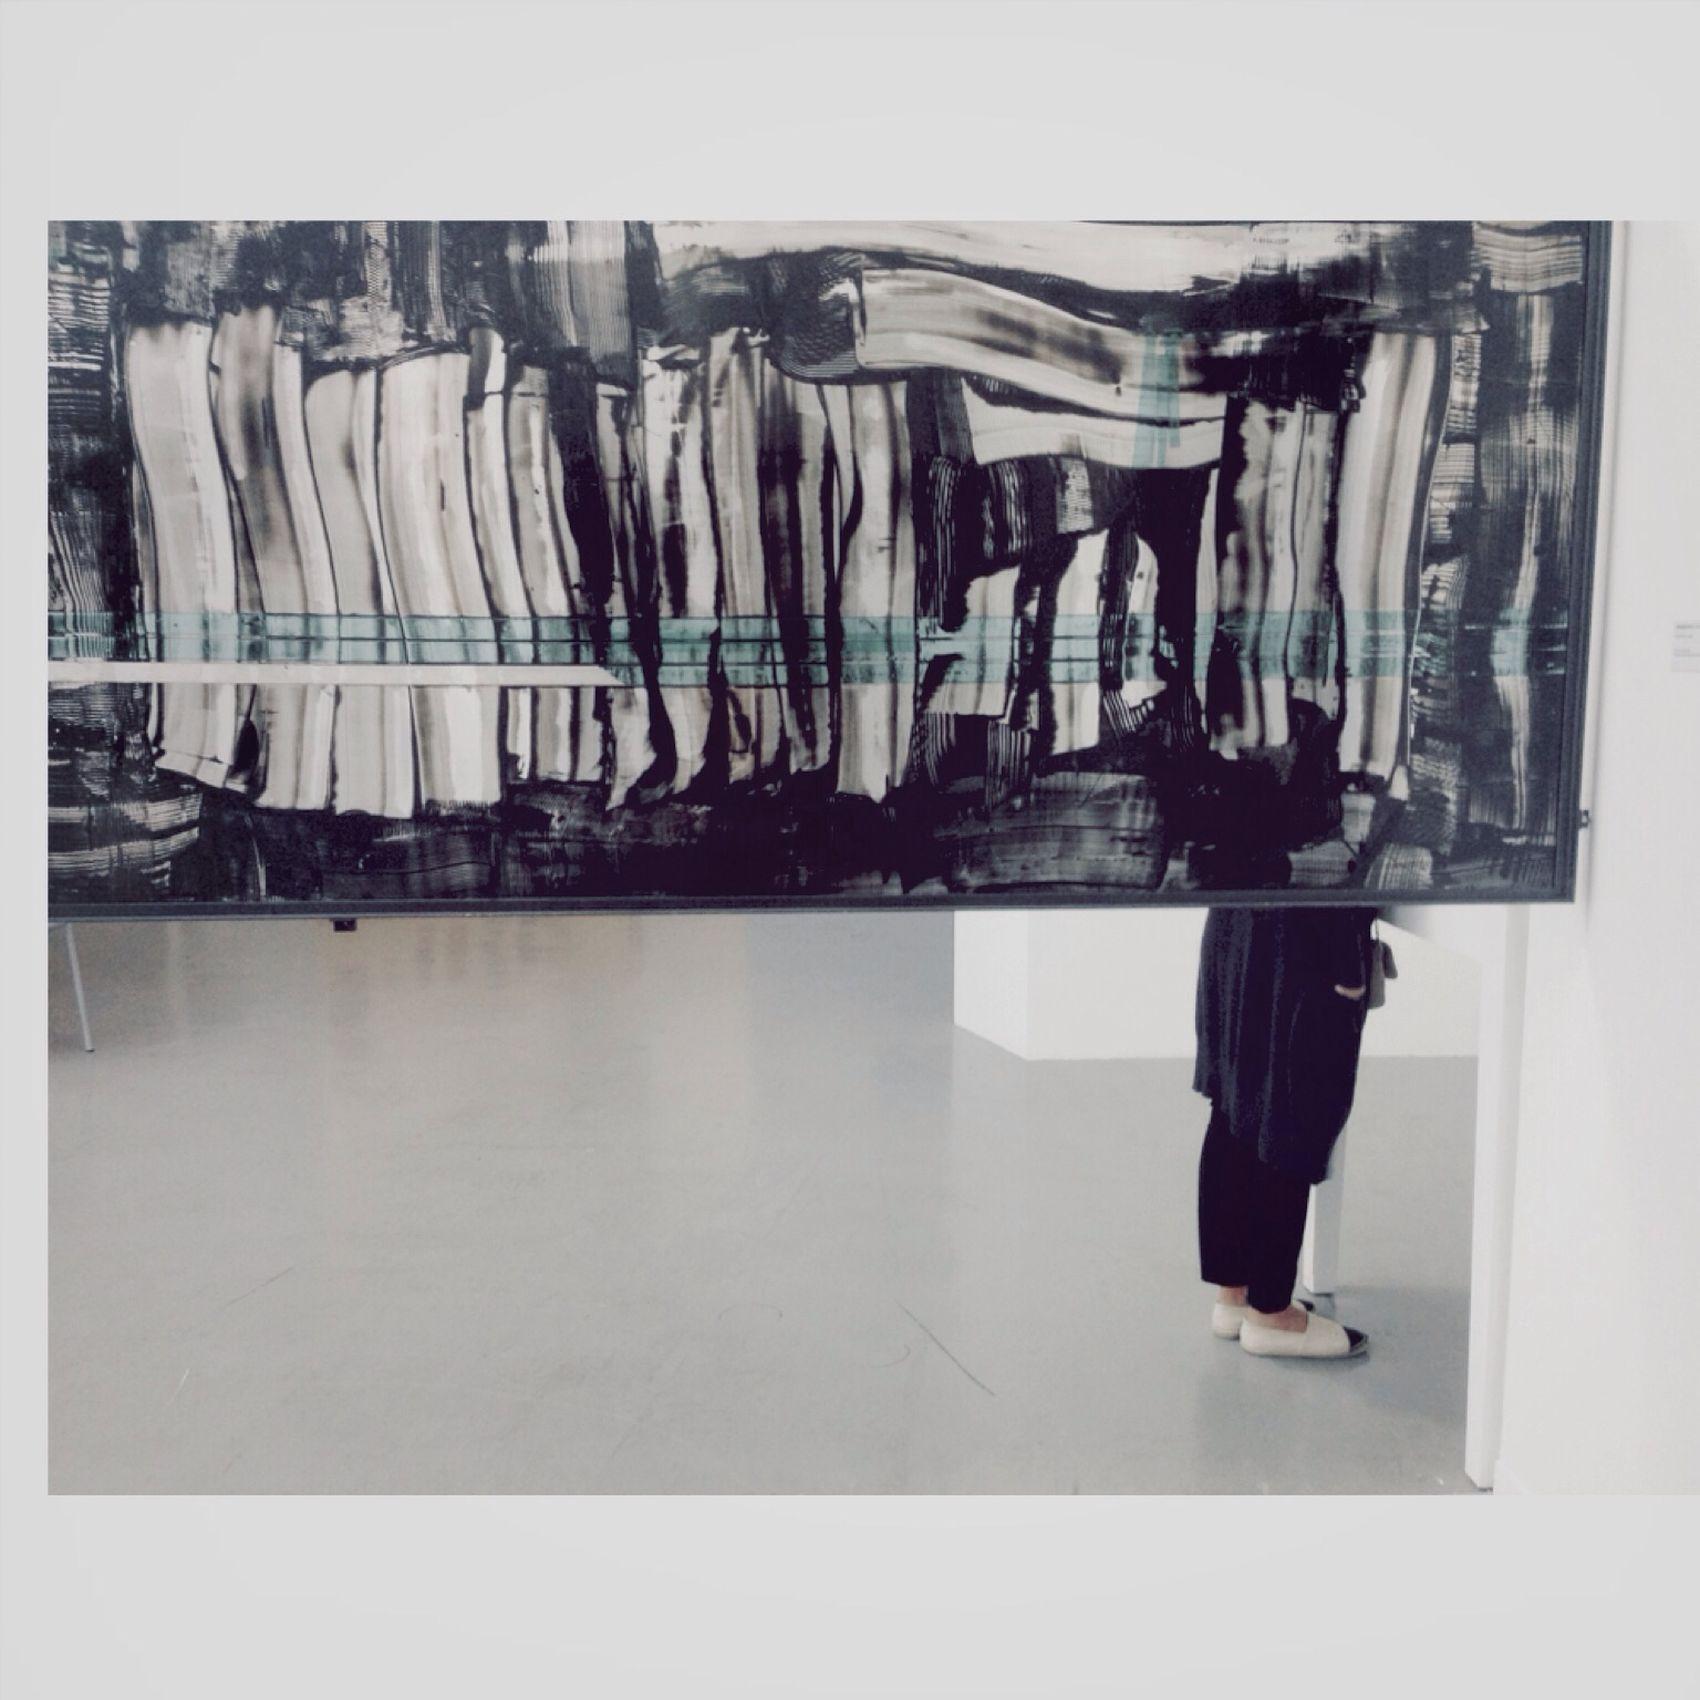 Behdjat Sadr Modern Art IranParis at At Palais De Tokyo — Musée D'Art Moderne